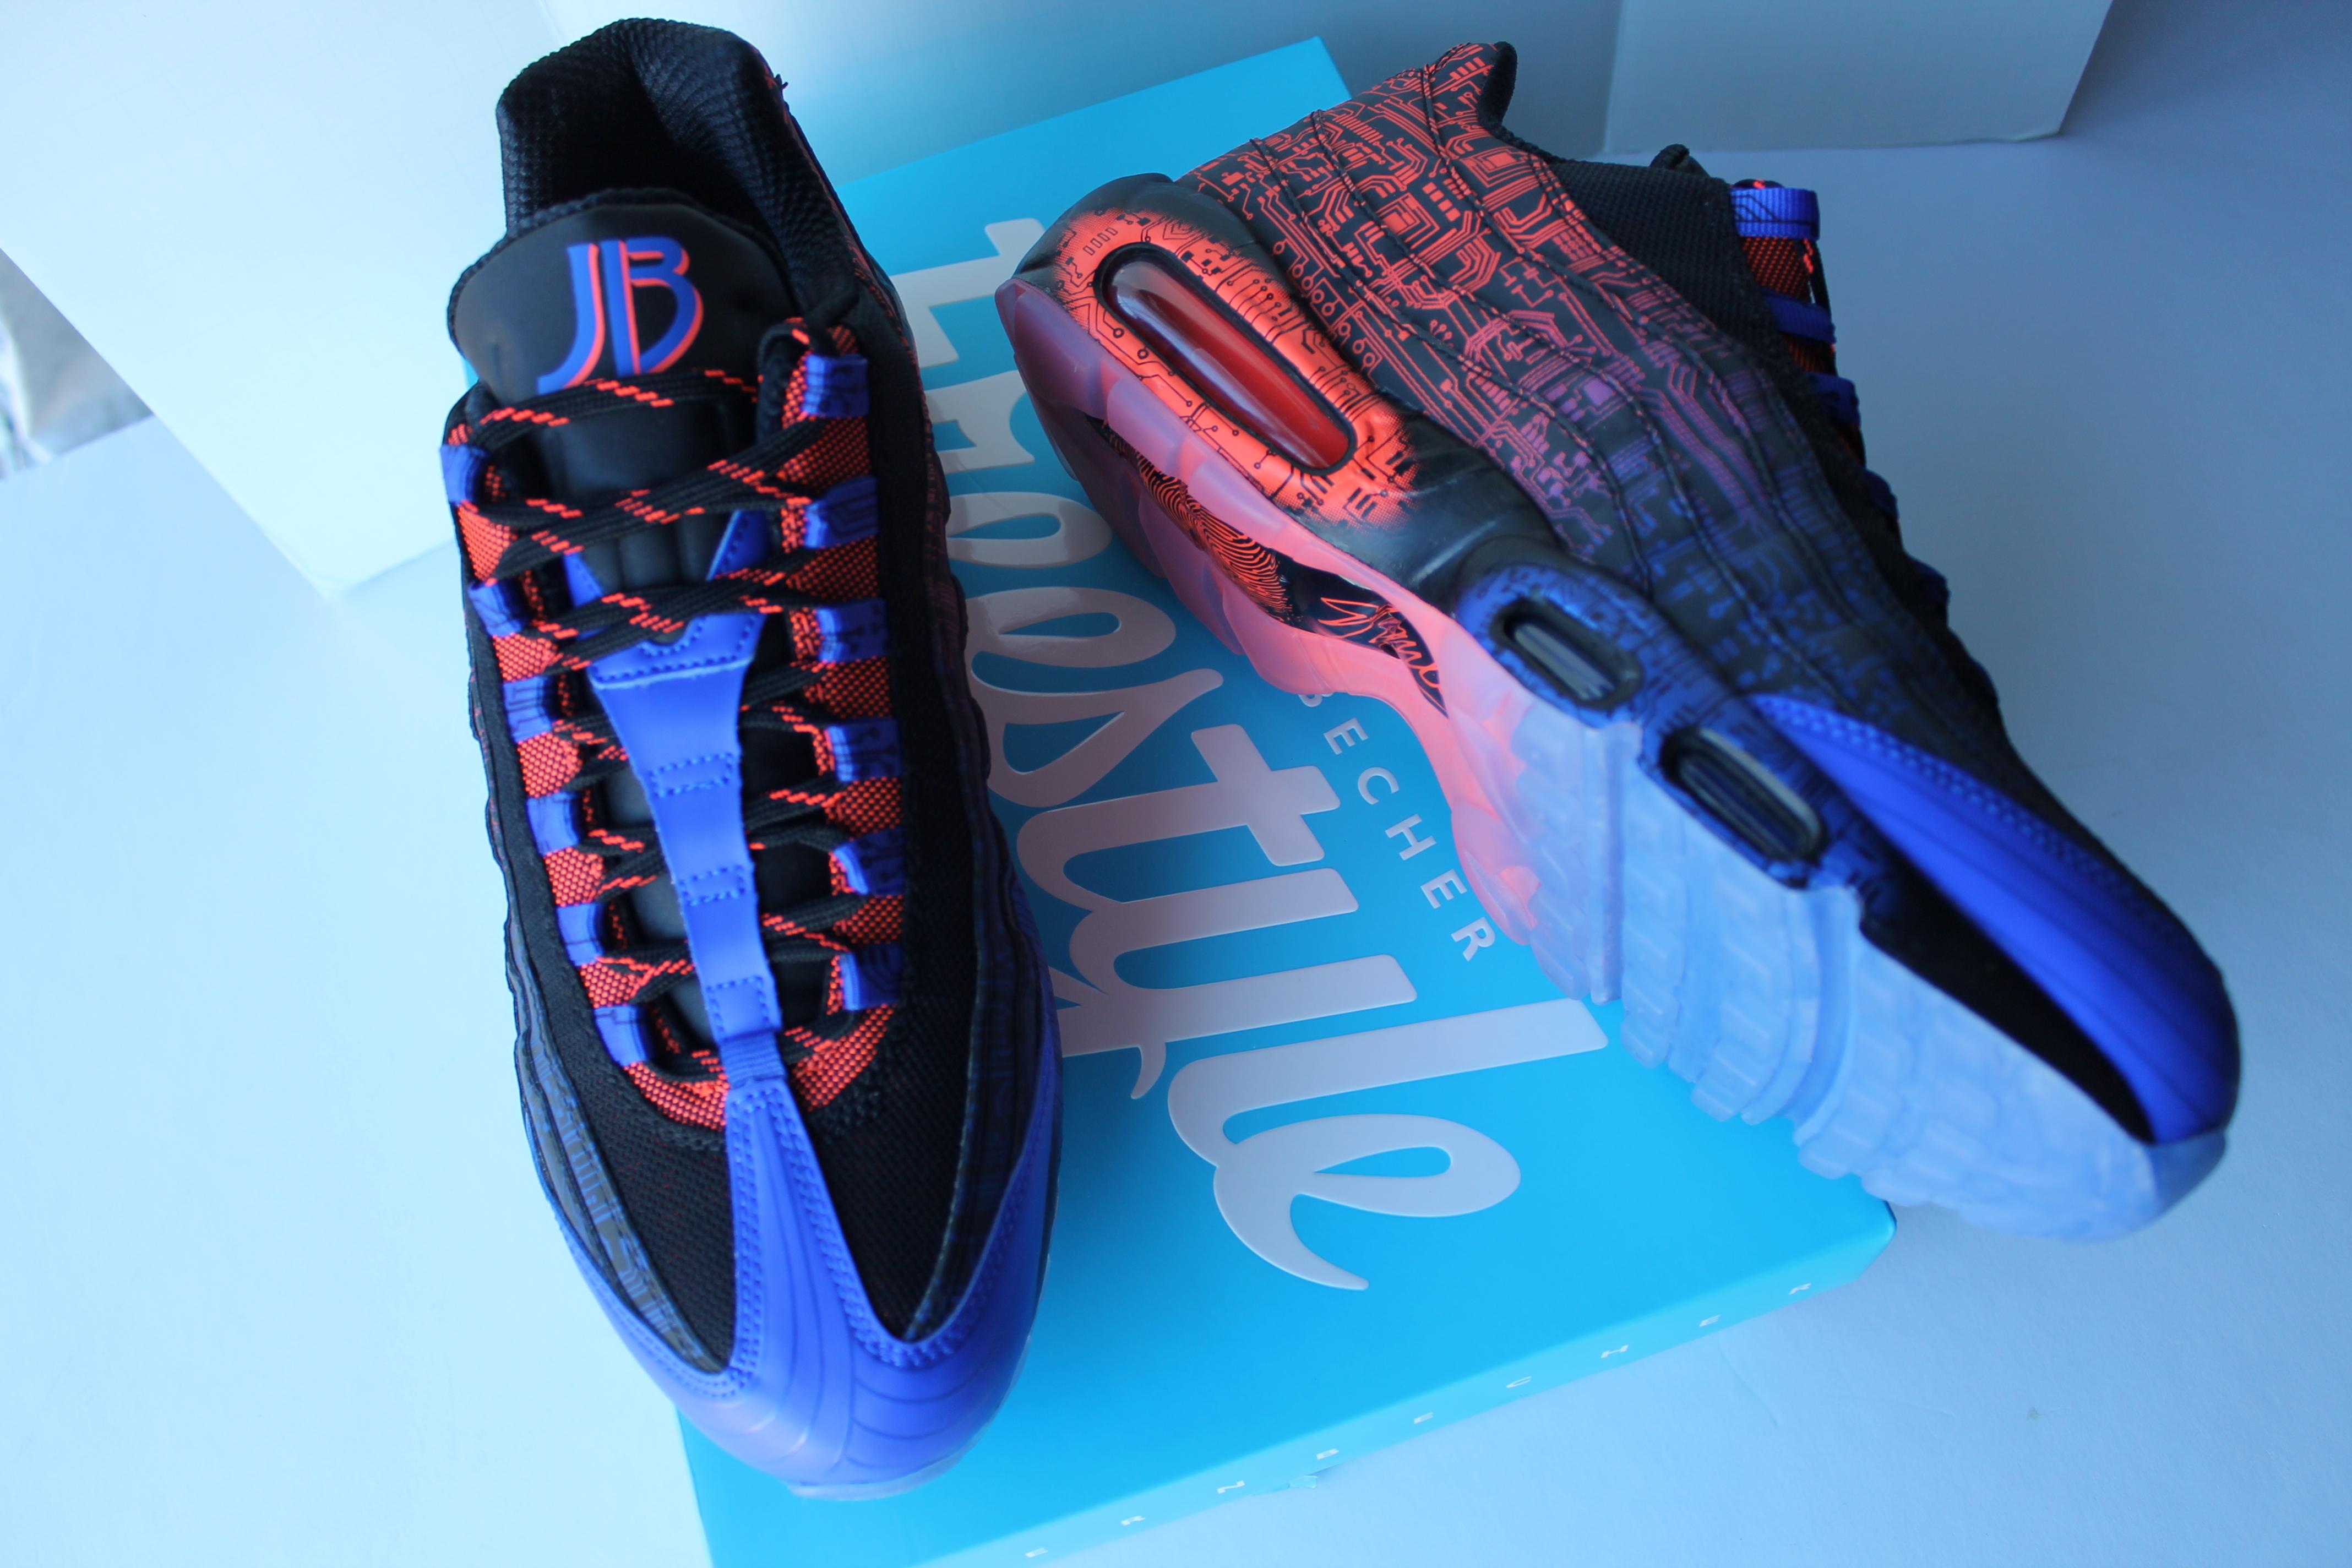 cb69a4fe0b9 ... Nike Air Max 95 Premium Doernbecher ...